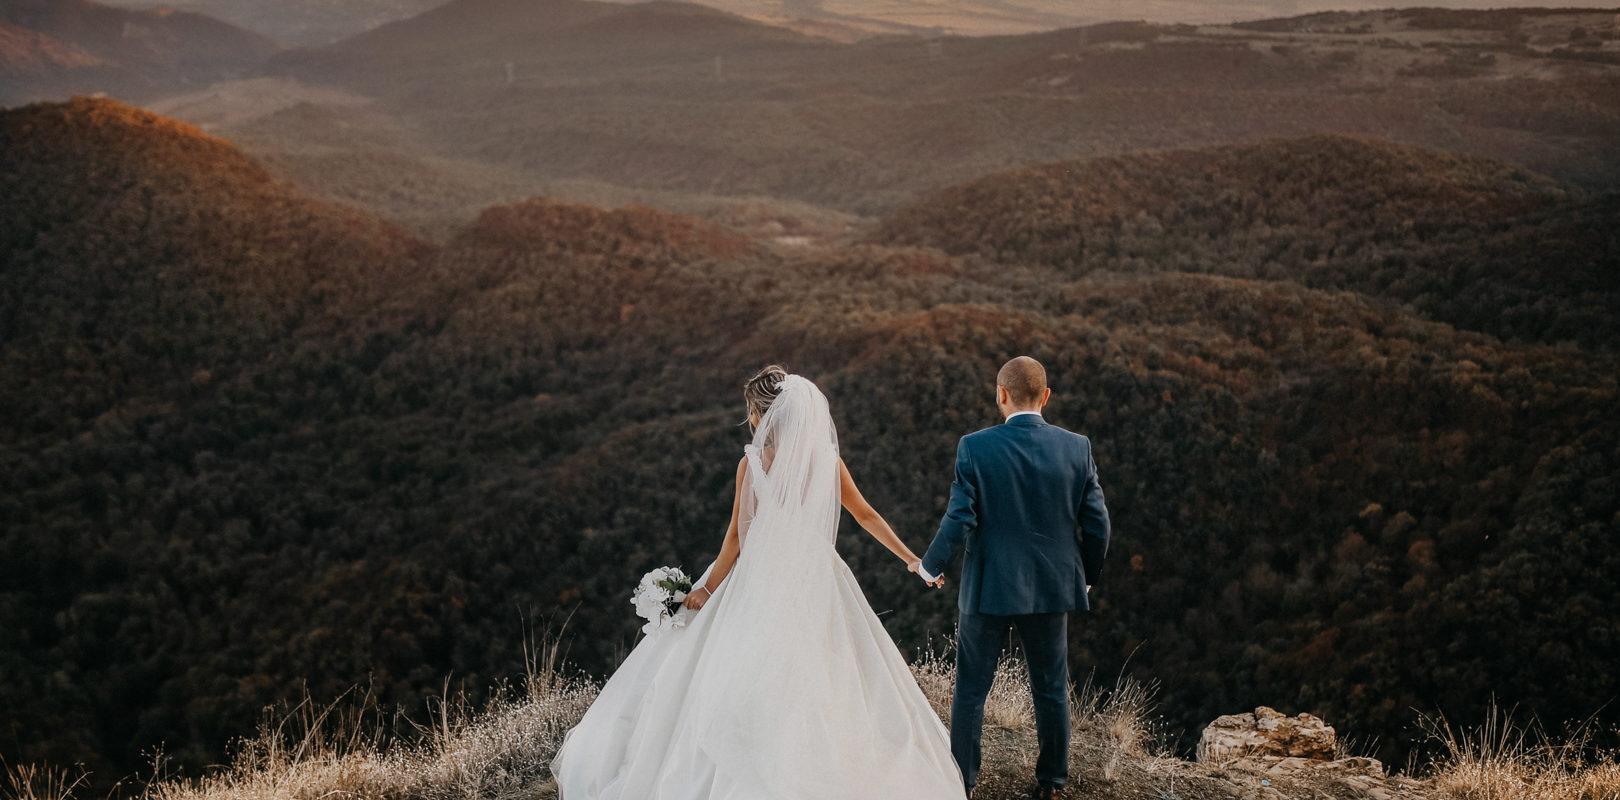 საქორწილო ფოტოგრაფია